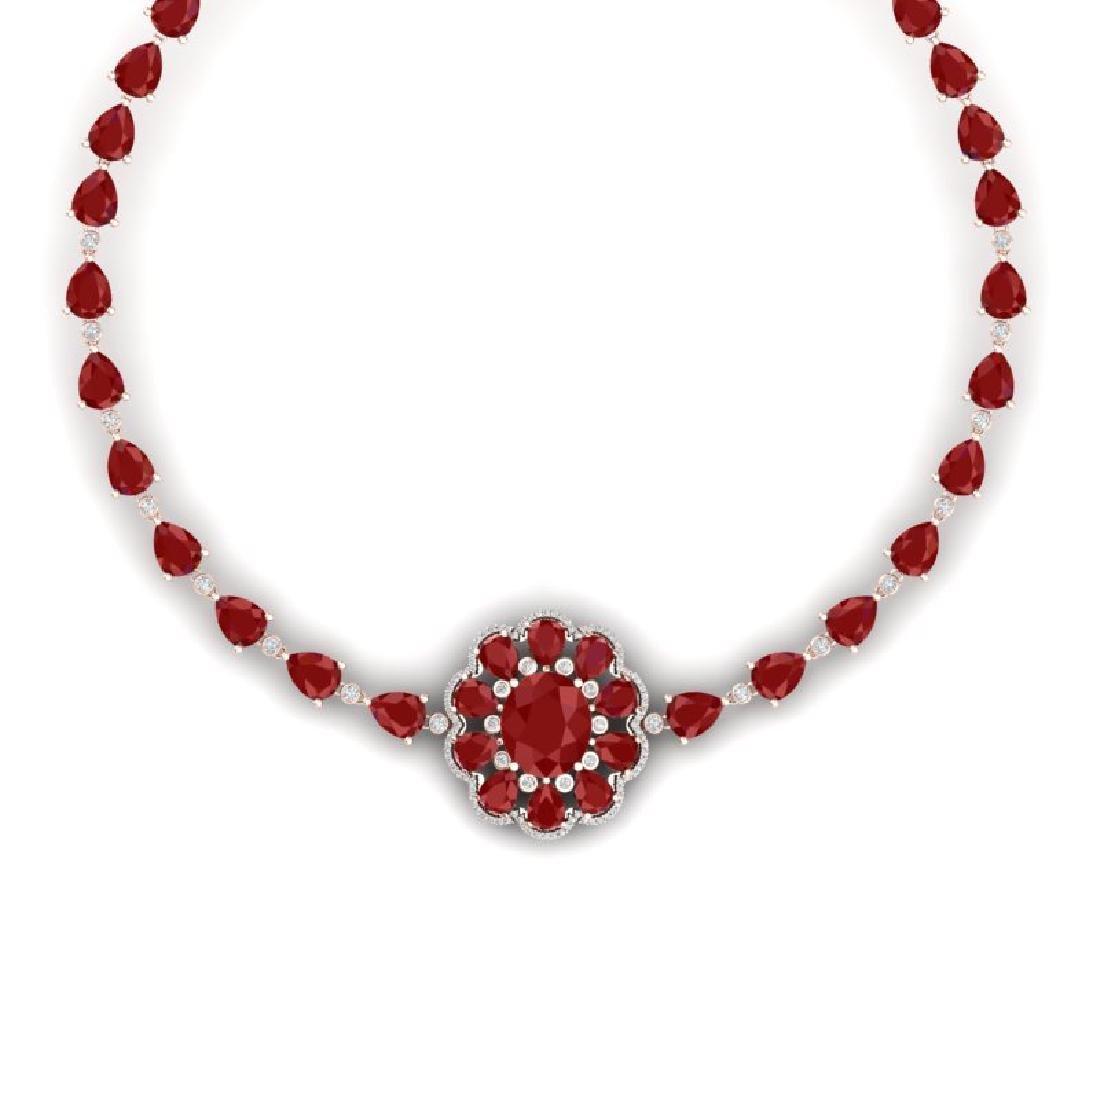 78.98 CTW Royalty Ruby & VS Diamond Necklace 18K Rose - 2